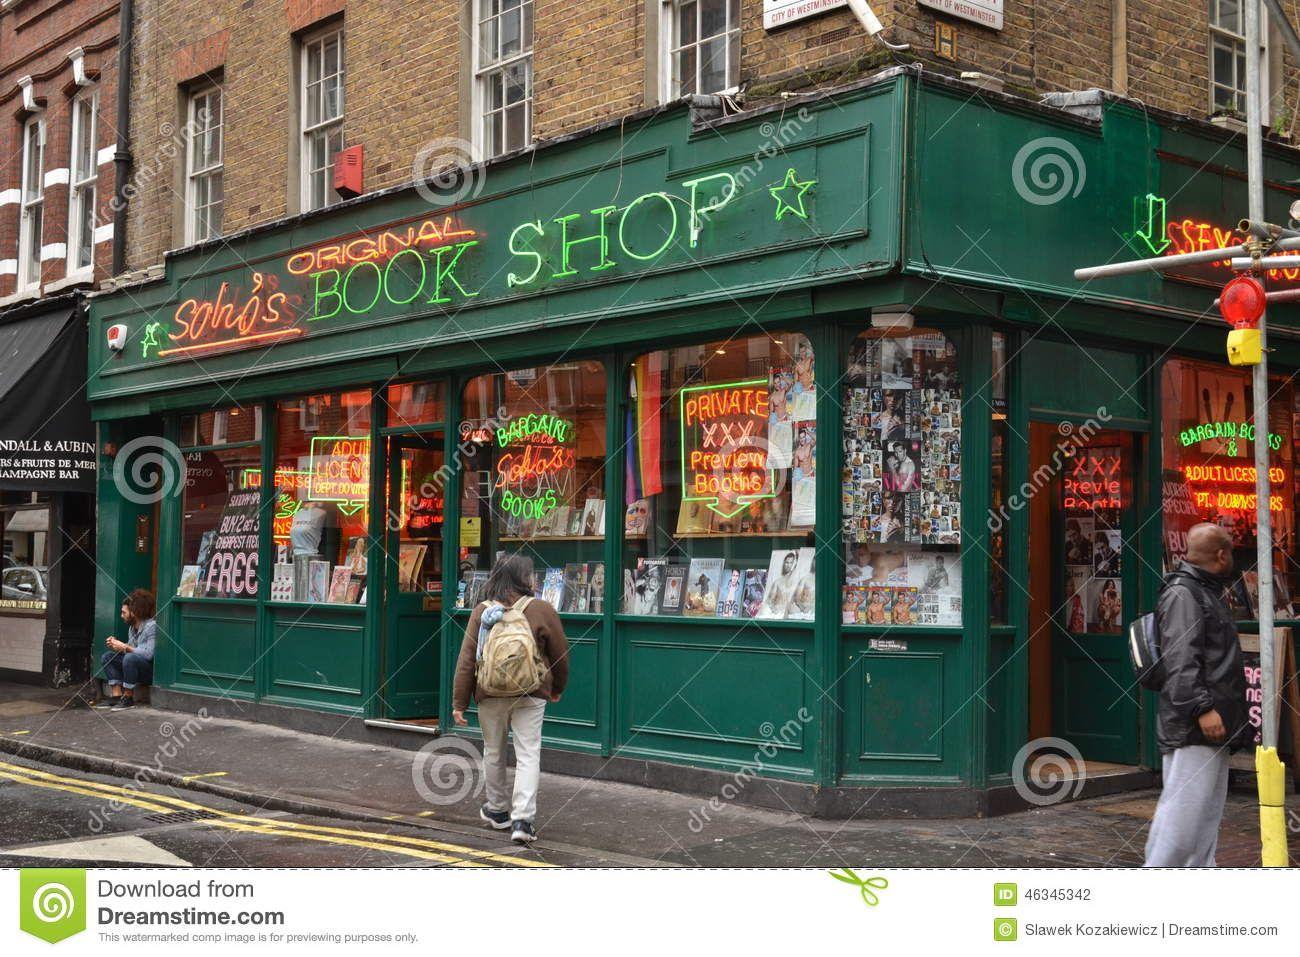 порно в магазине в лондоне